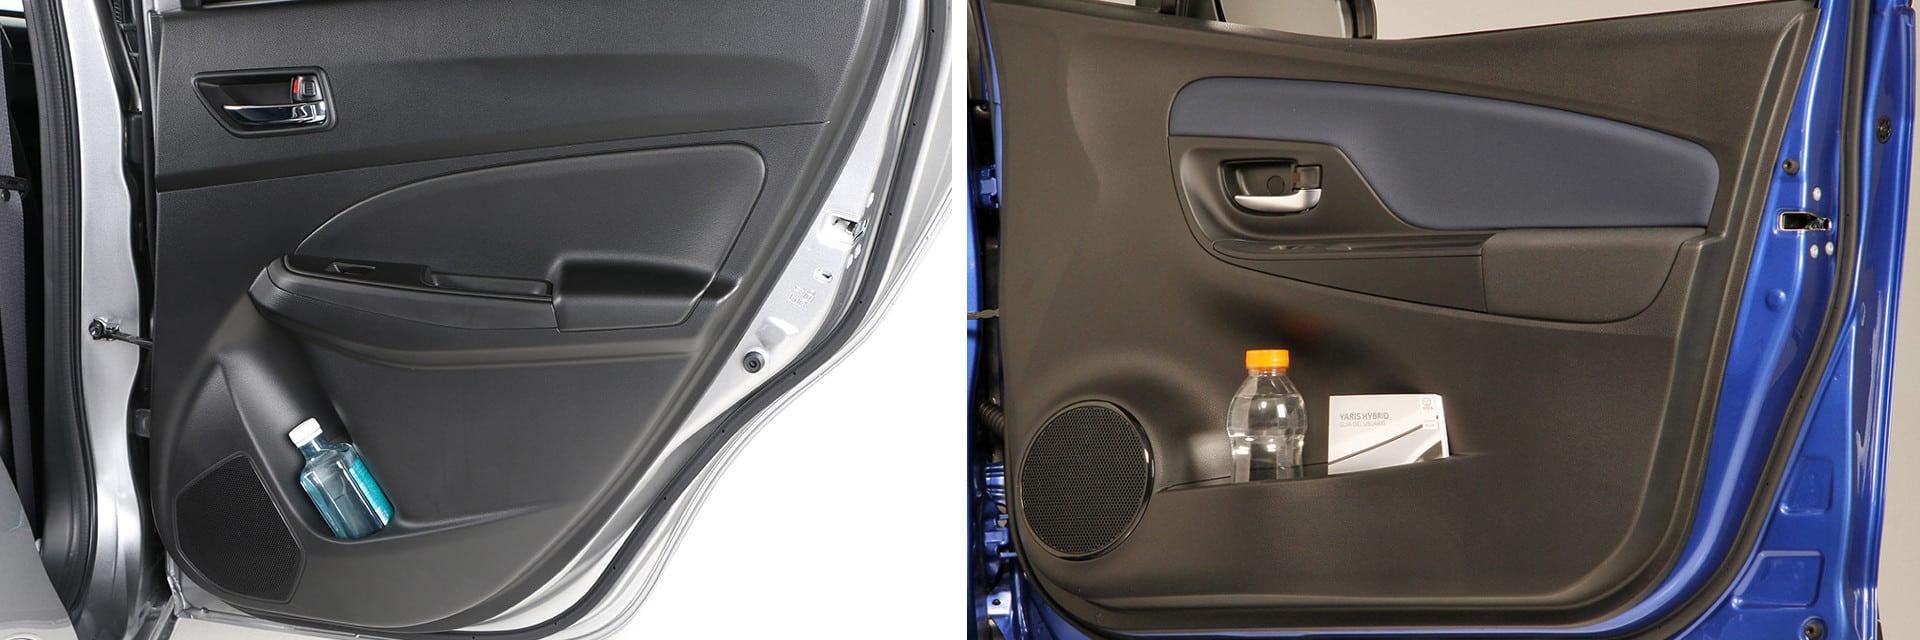 Los habitáculos de ambos coches disponen de suficientes espacios portaobjetos.